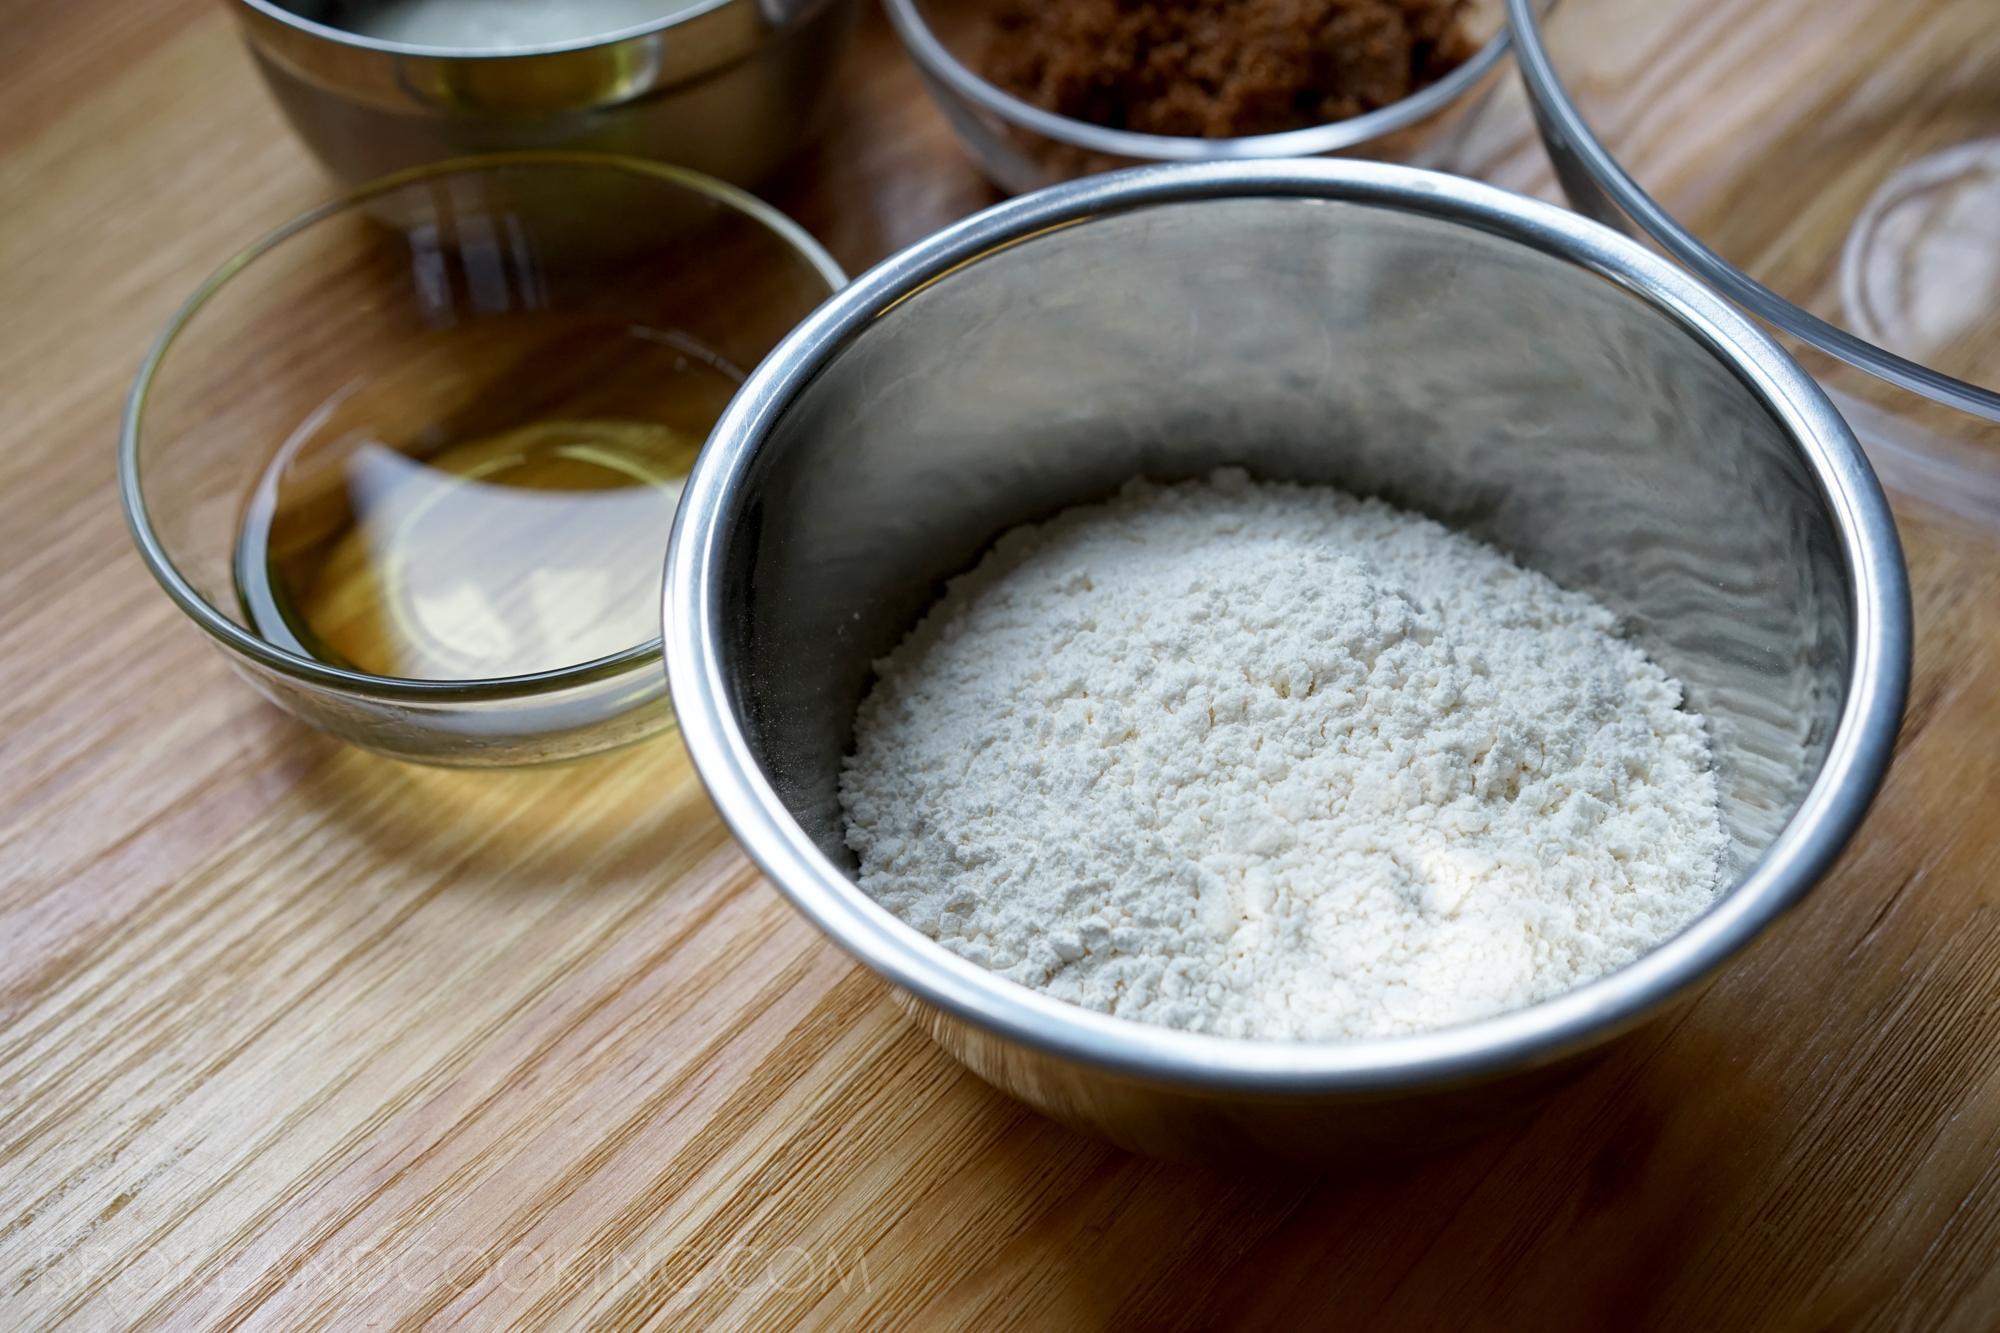 Oil & flour